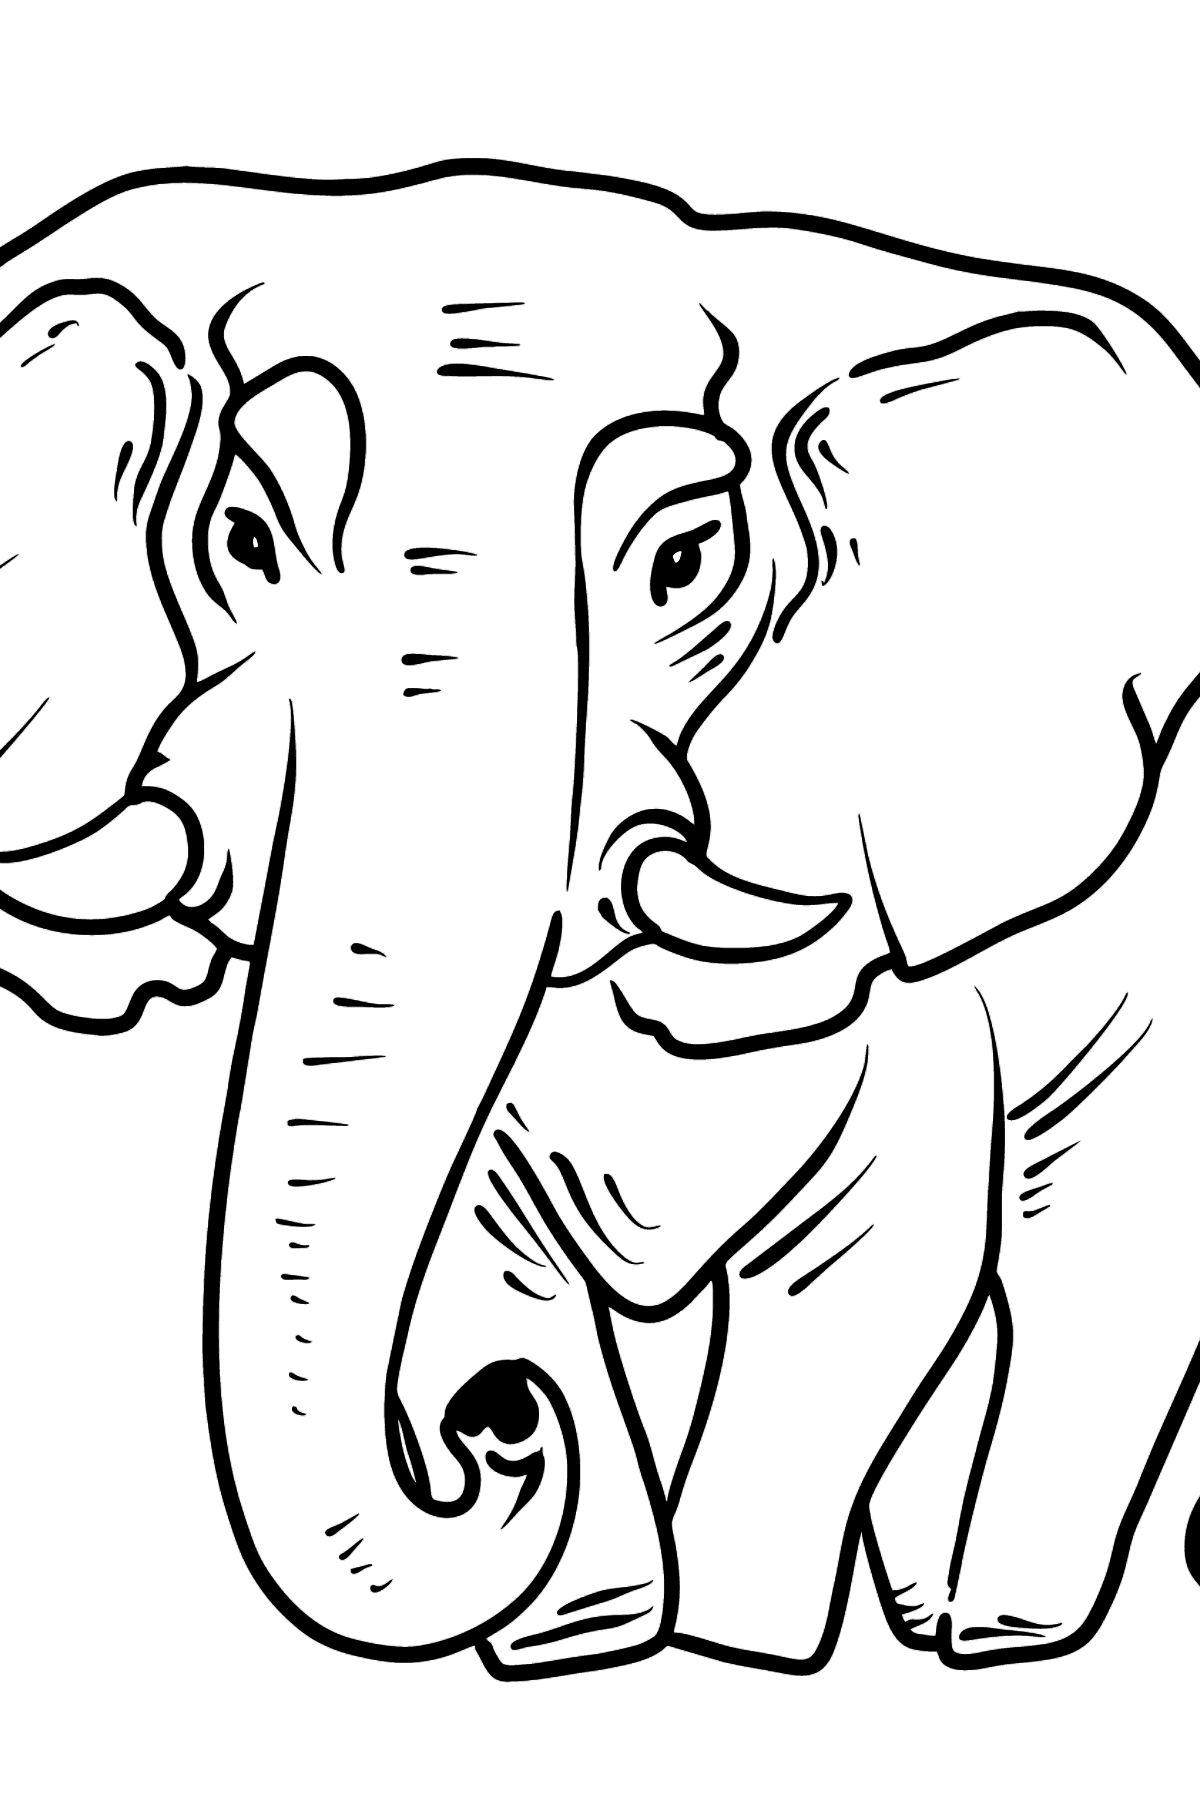 Раскраска слон - Картинки для Детей